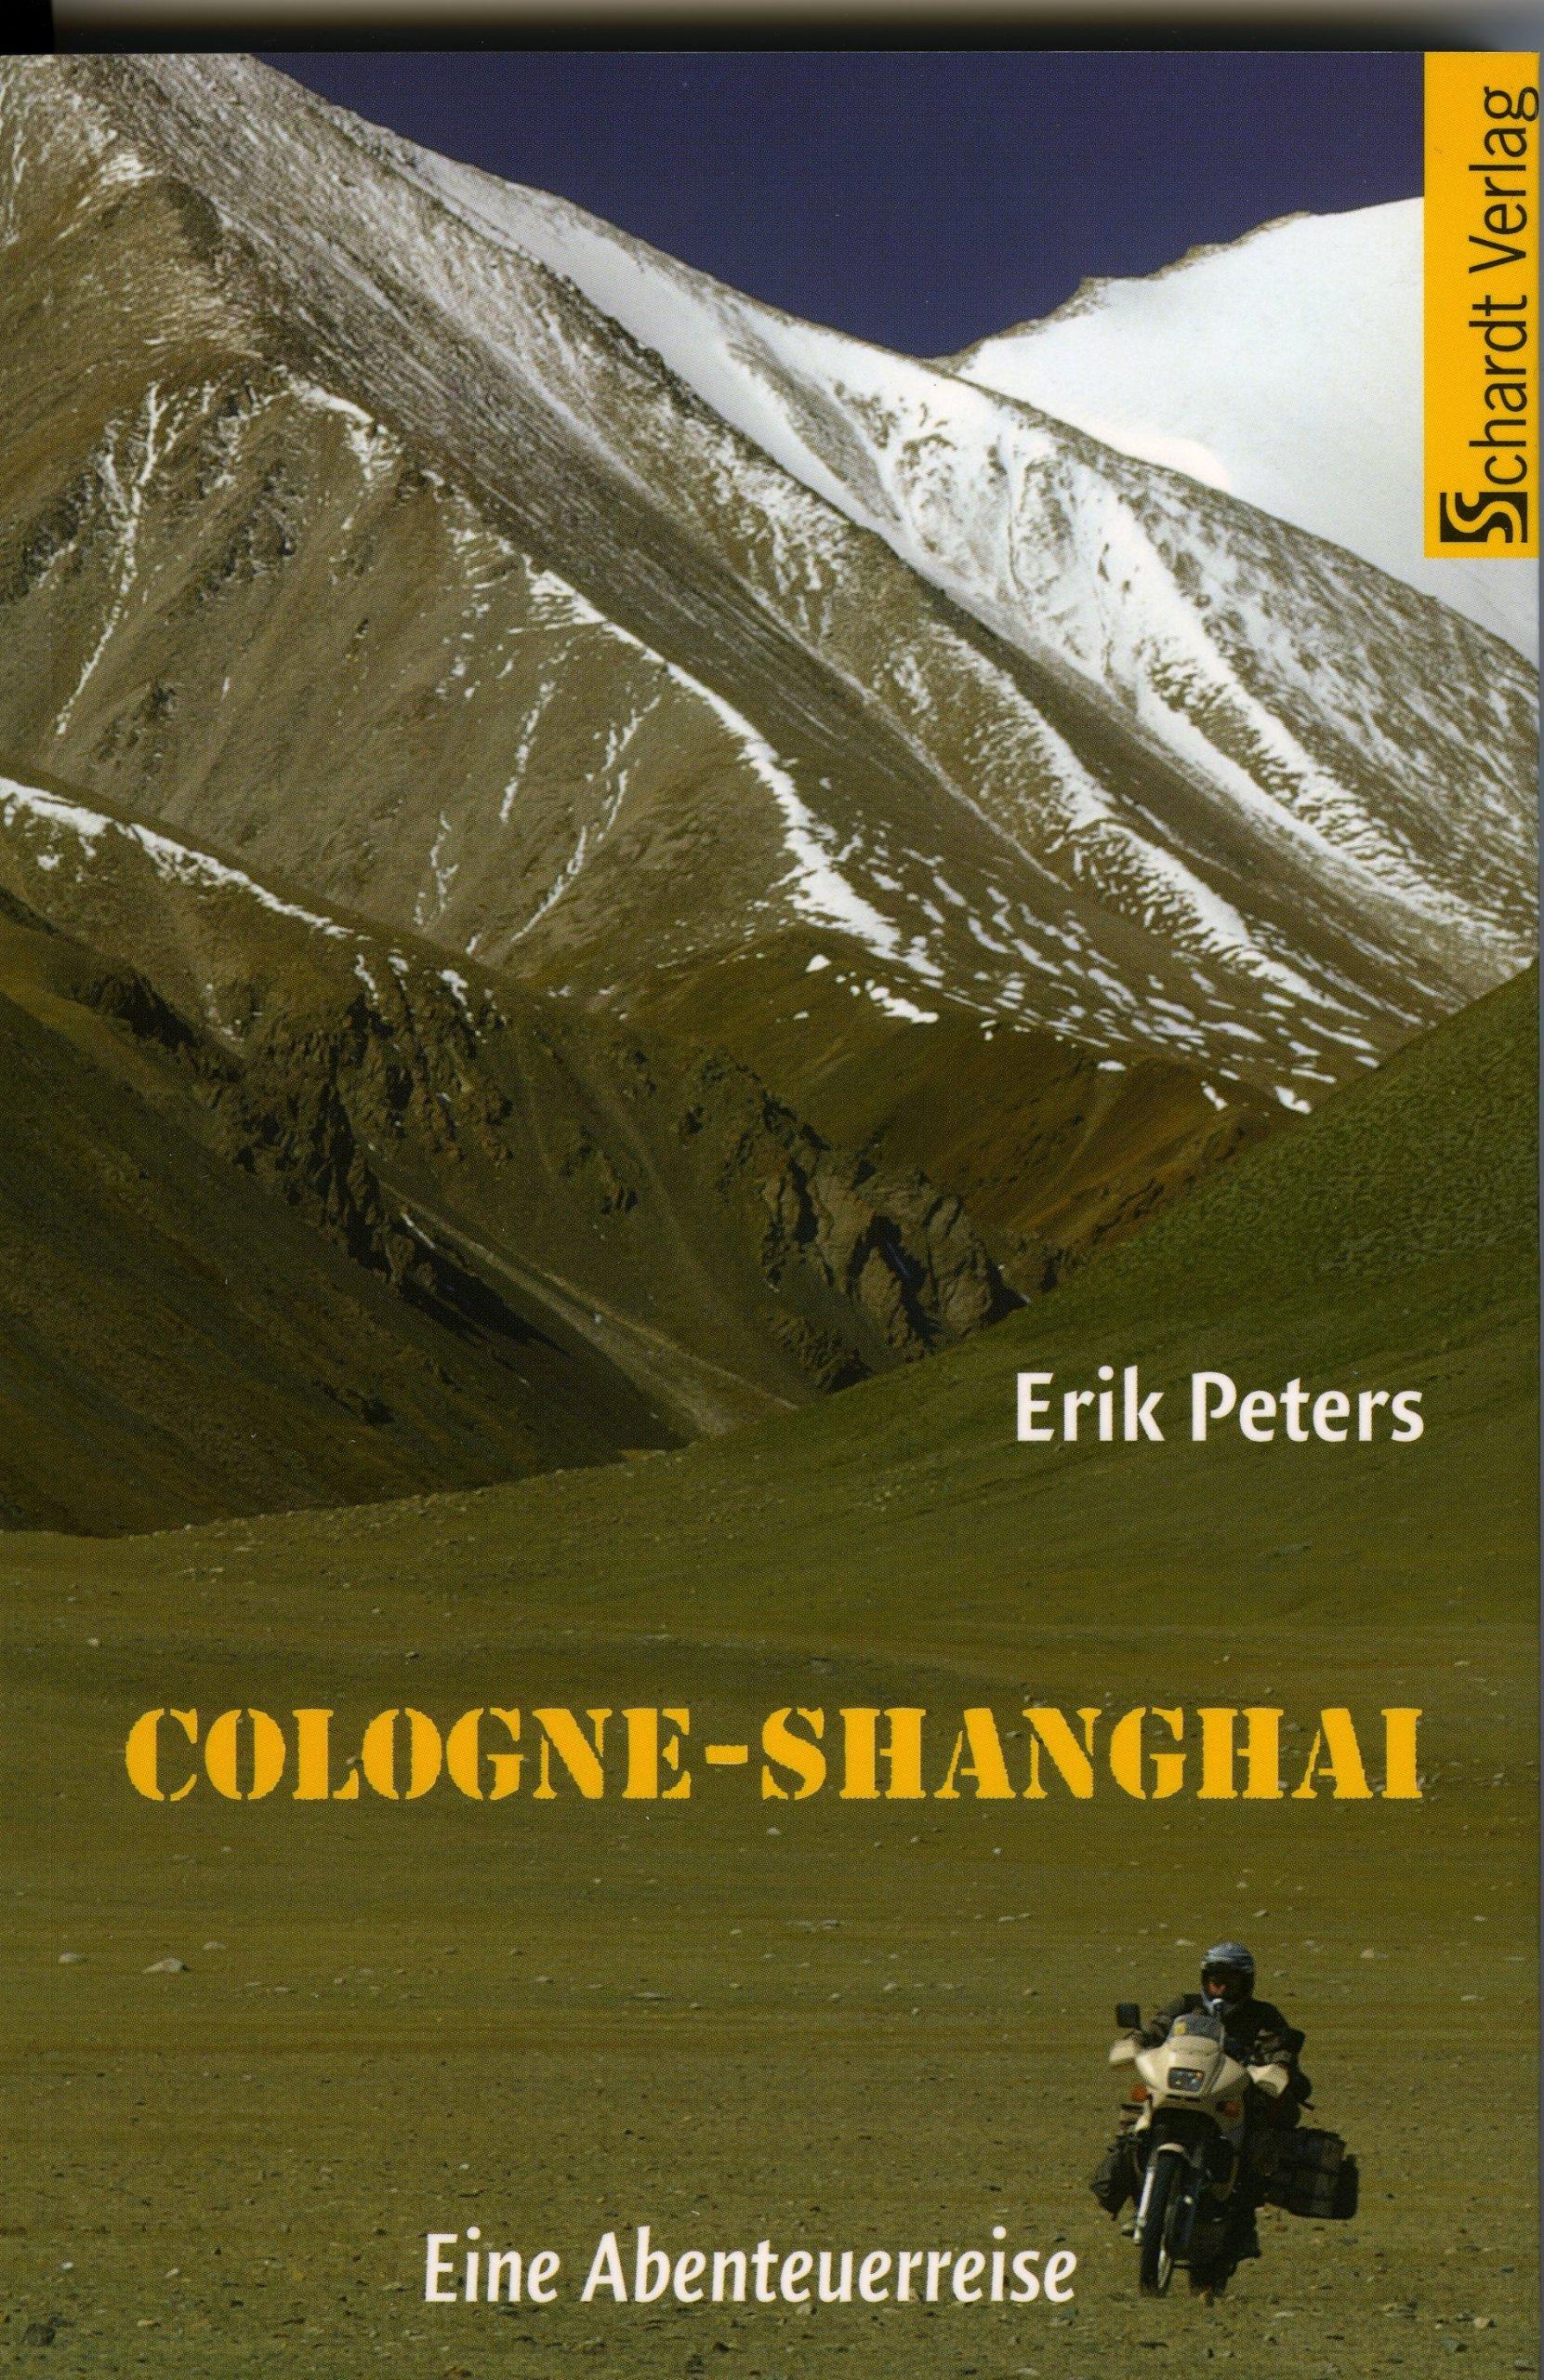 Cologne - Shanghai: Eine Abenteuerreise Broschiert – 31. März 2008 Erik Peters Schardt 3898413829 Reiseberichte / Asien